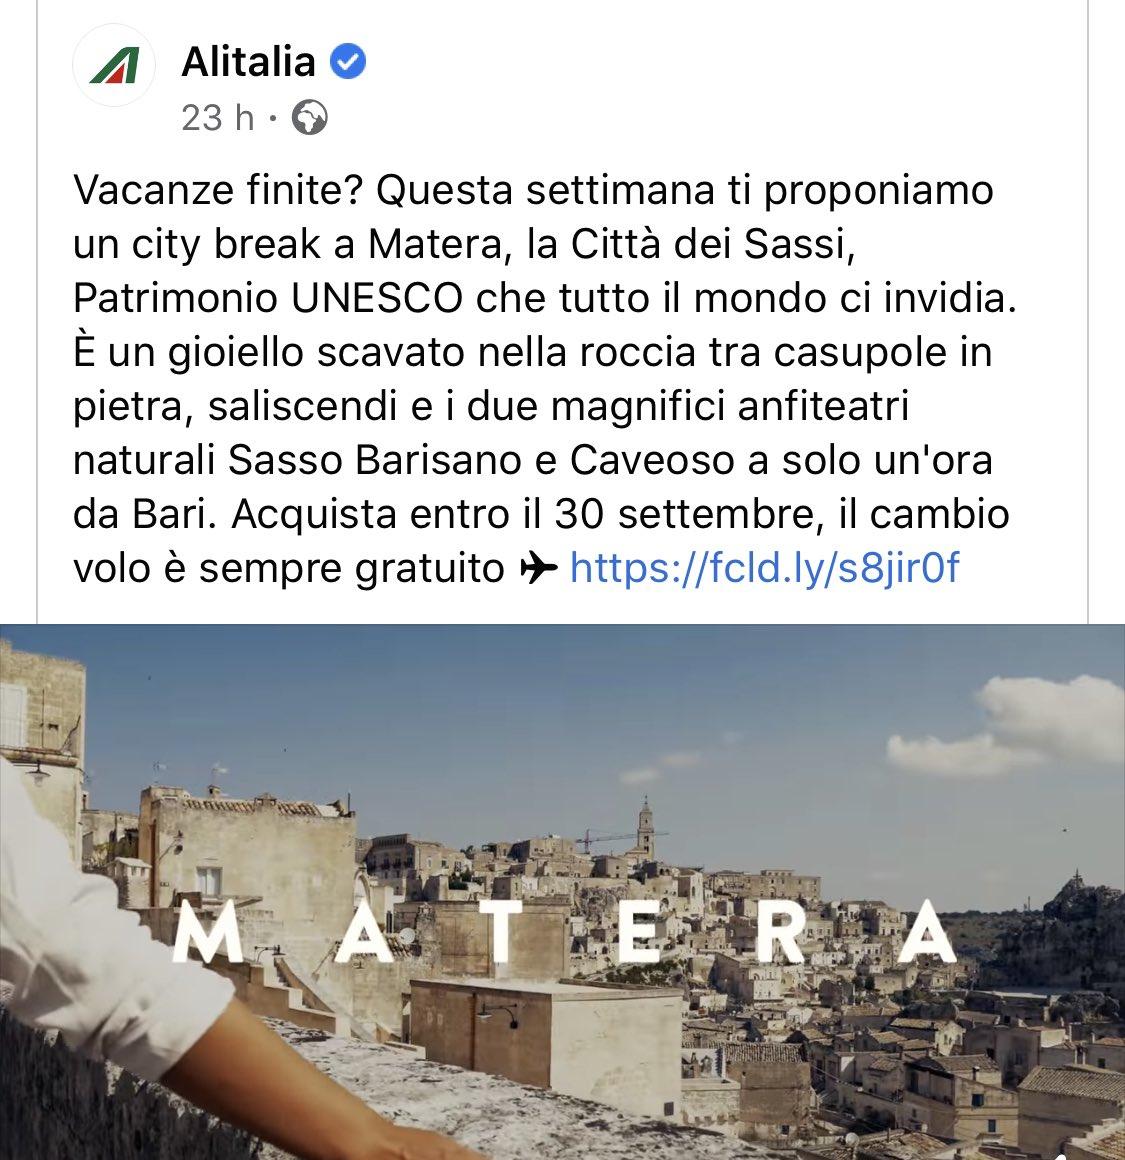 Cara @Alitalia non potevi consigliare di meglio......